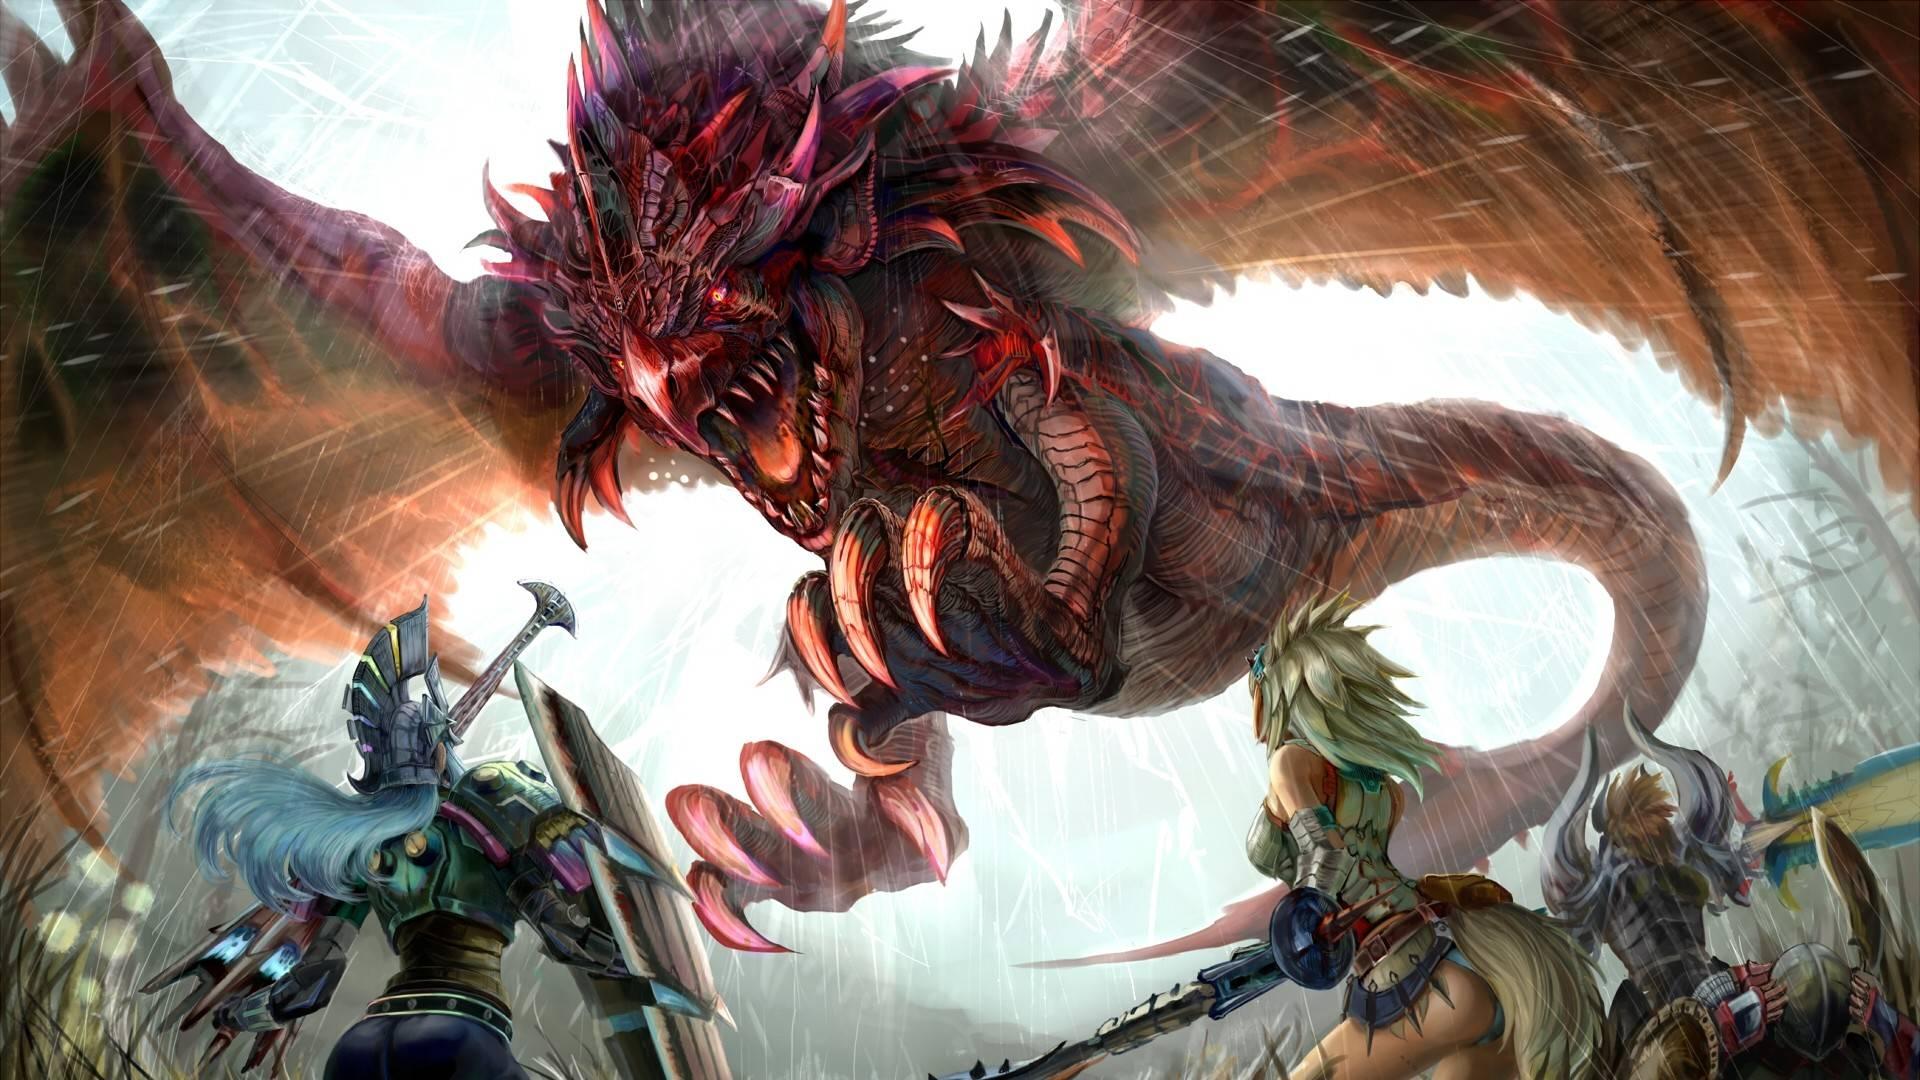 monster-hunter-world-wallpaper-hd-06.jpg - Monster Hunter: World